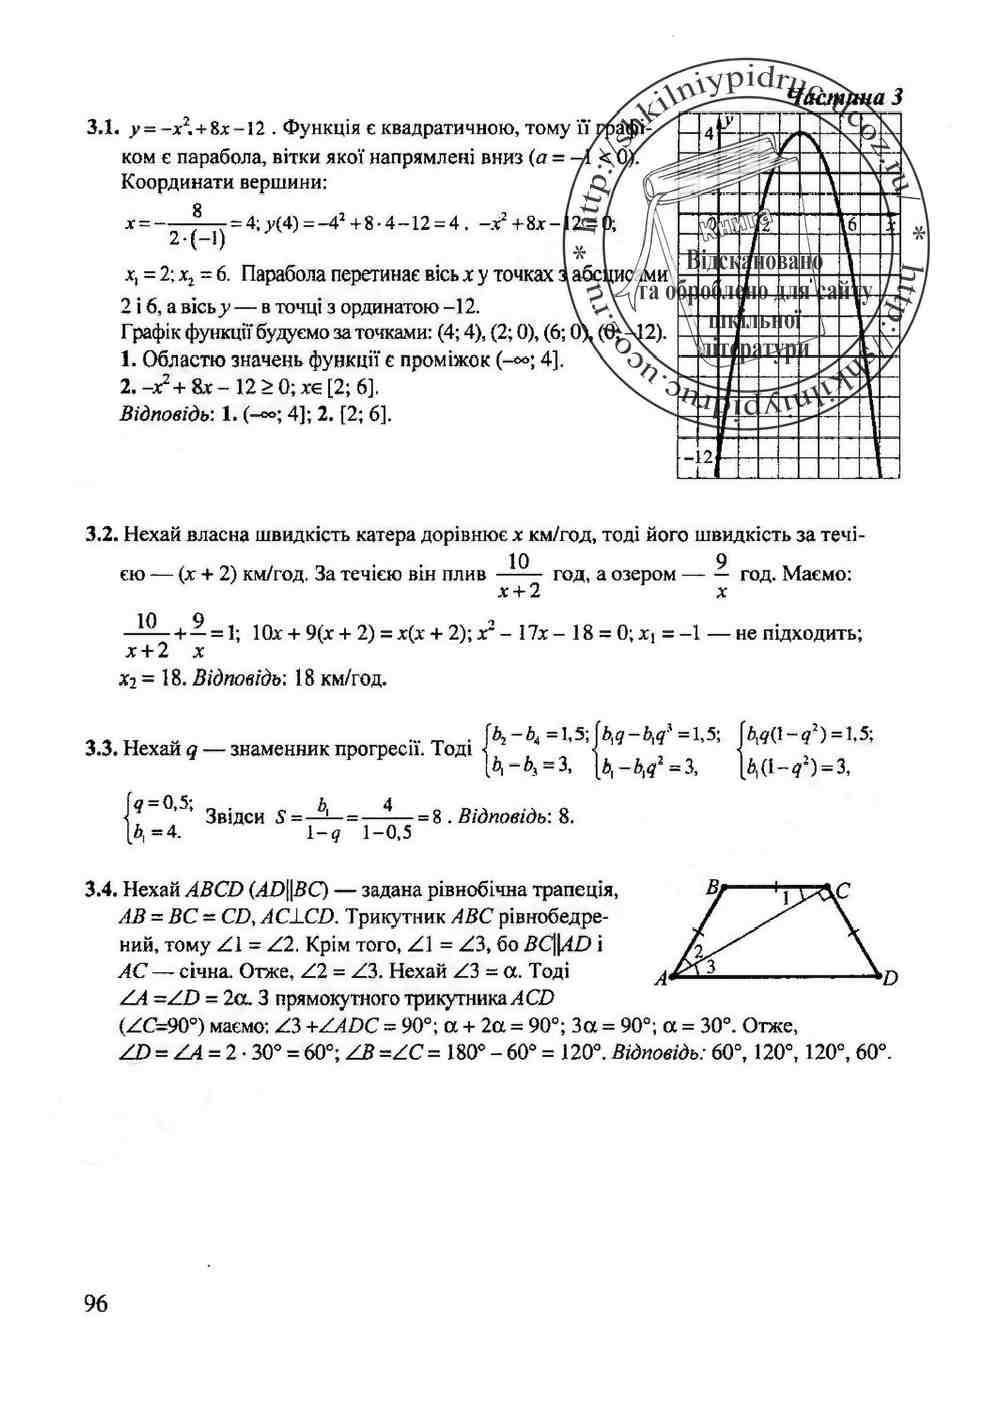 решебник дпа 2014 9 класс ответы математика скачать